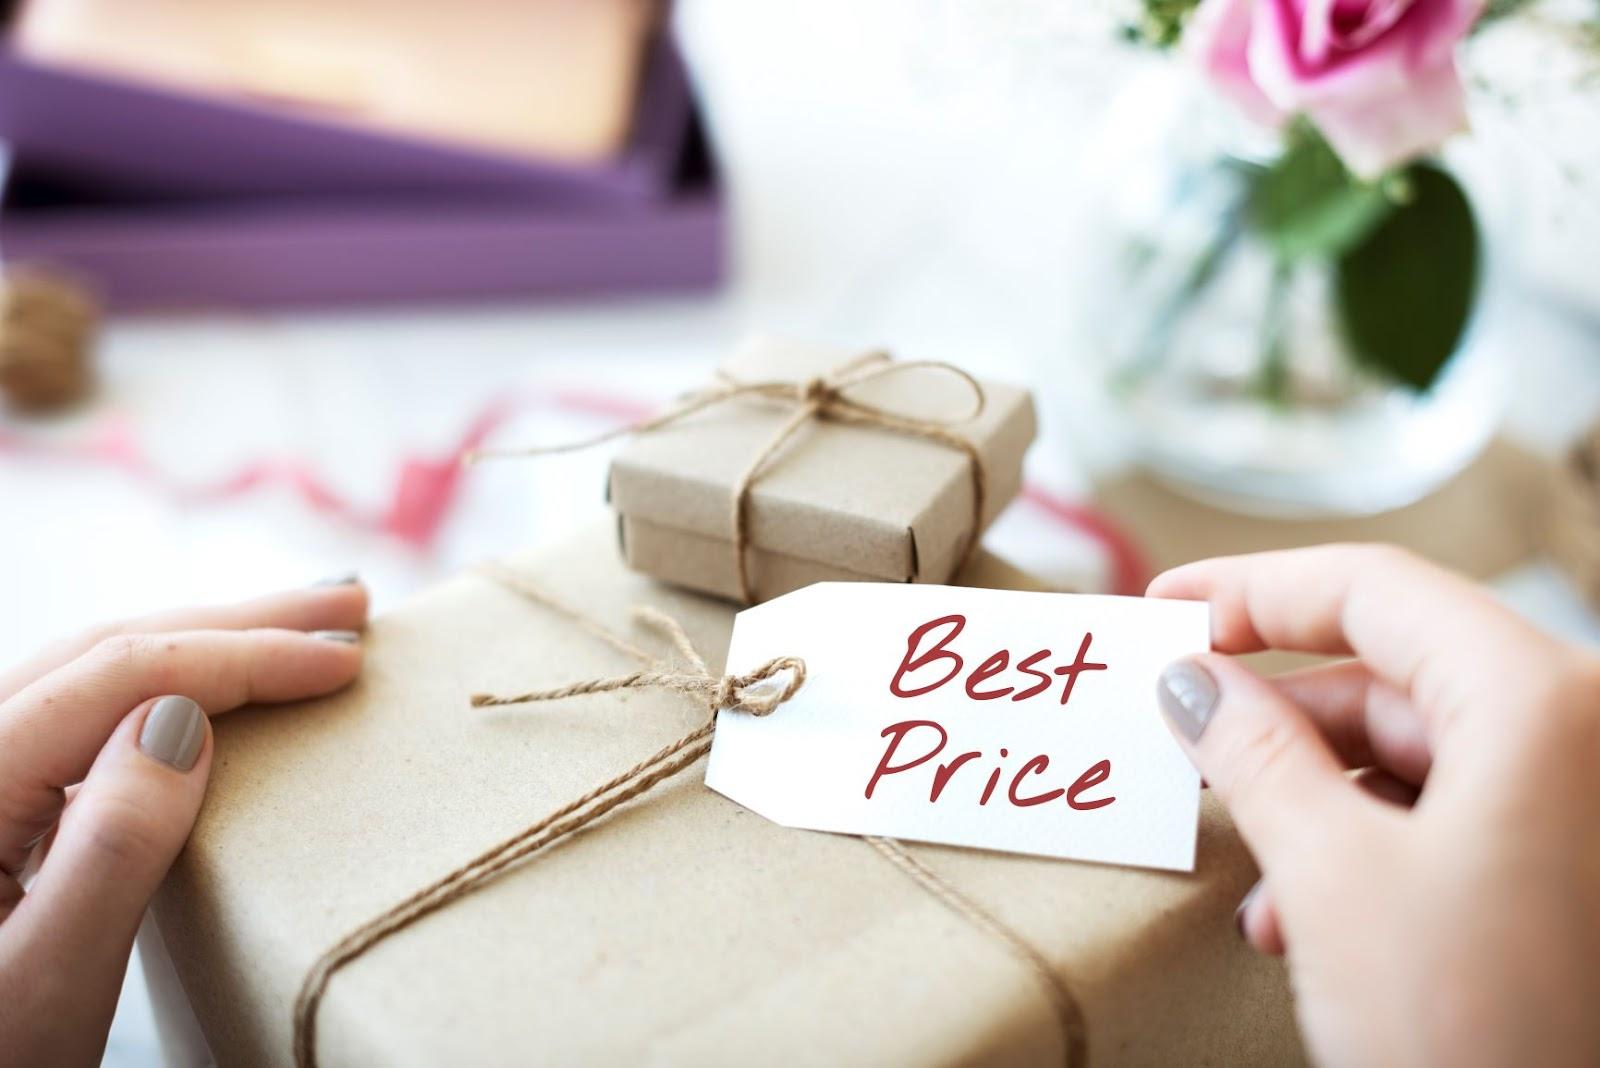 Seasonal merchandise is often discounted